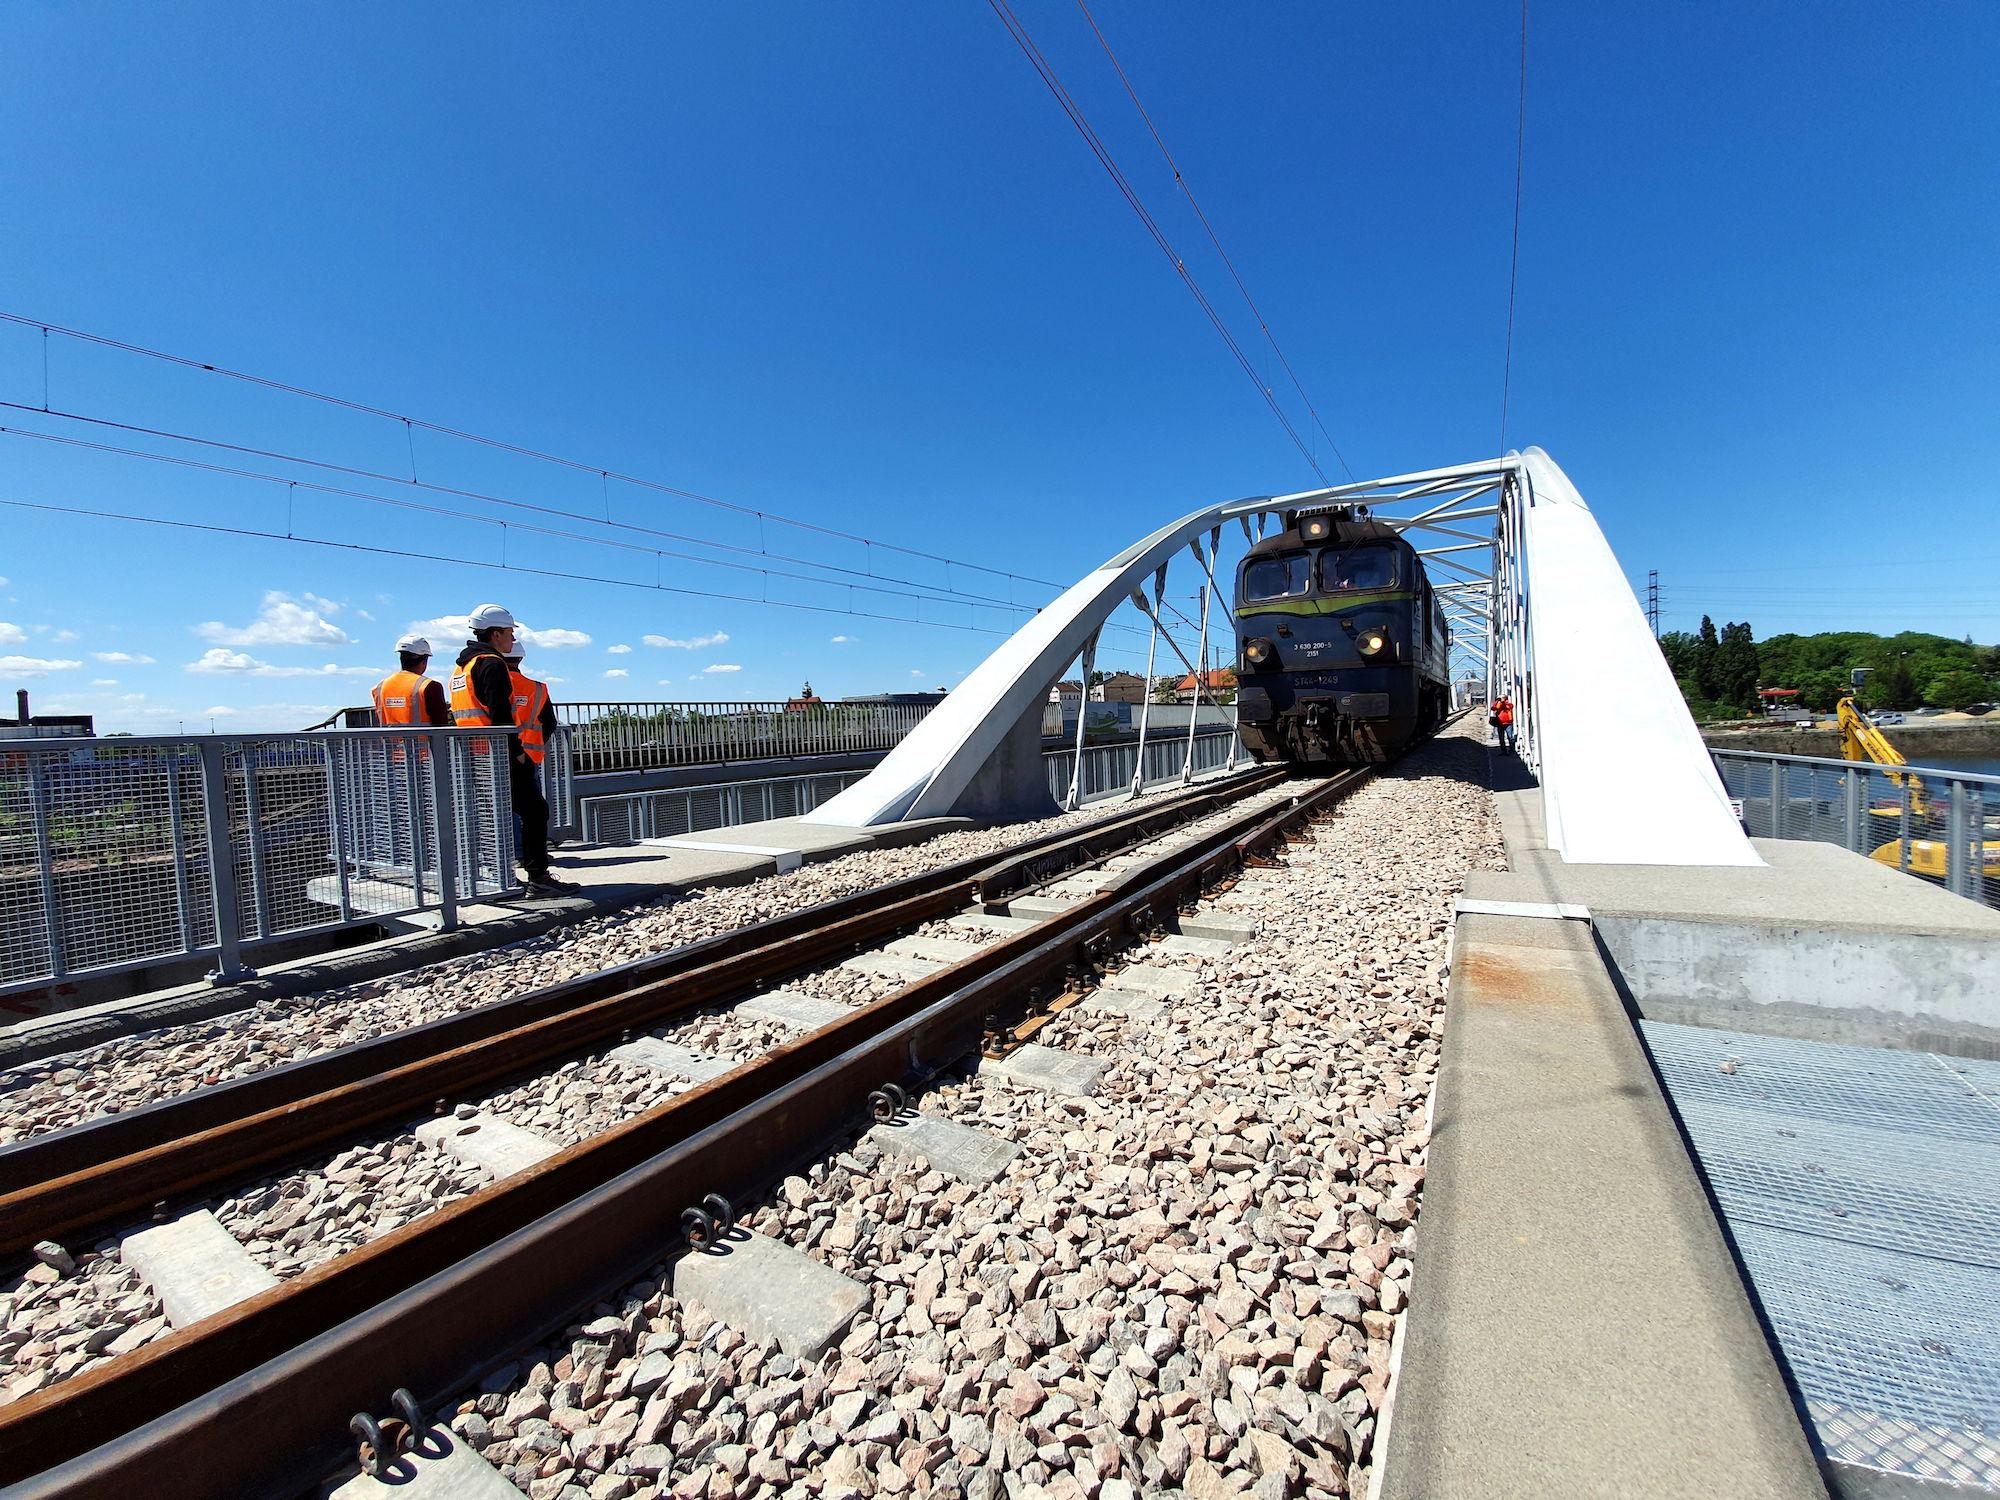 zdjęcie przedstawiące przeprowadzanie statycznych prób obciążeniowych na nowym moście kolejowym na Wiśle w Krakowie.